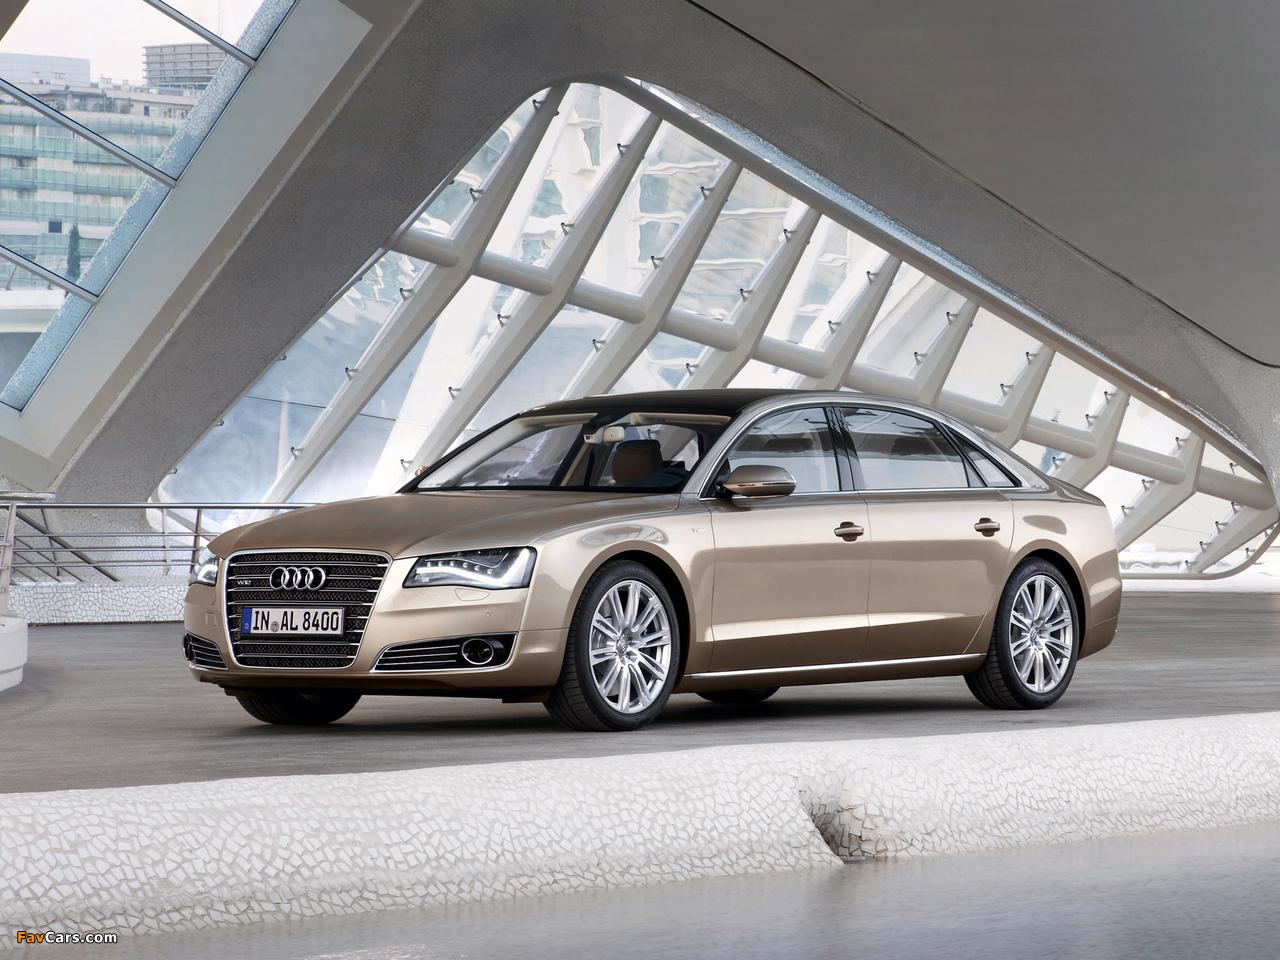 Images Of Audi A8l W12 Quattro D4 2010 1280x960